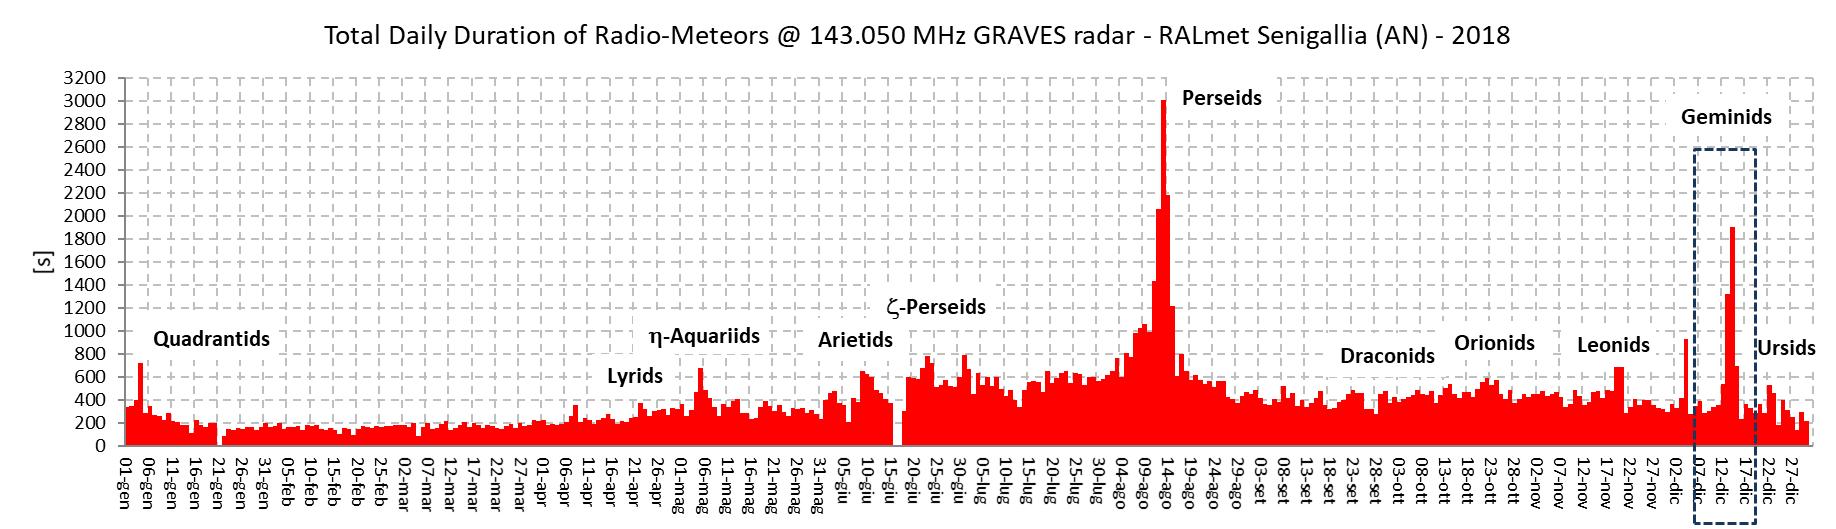 Durata totale dei radio-echi proporzionale alla massa di materiale meteorico che ogni giorno entra in atmosfera.